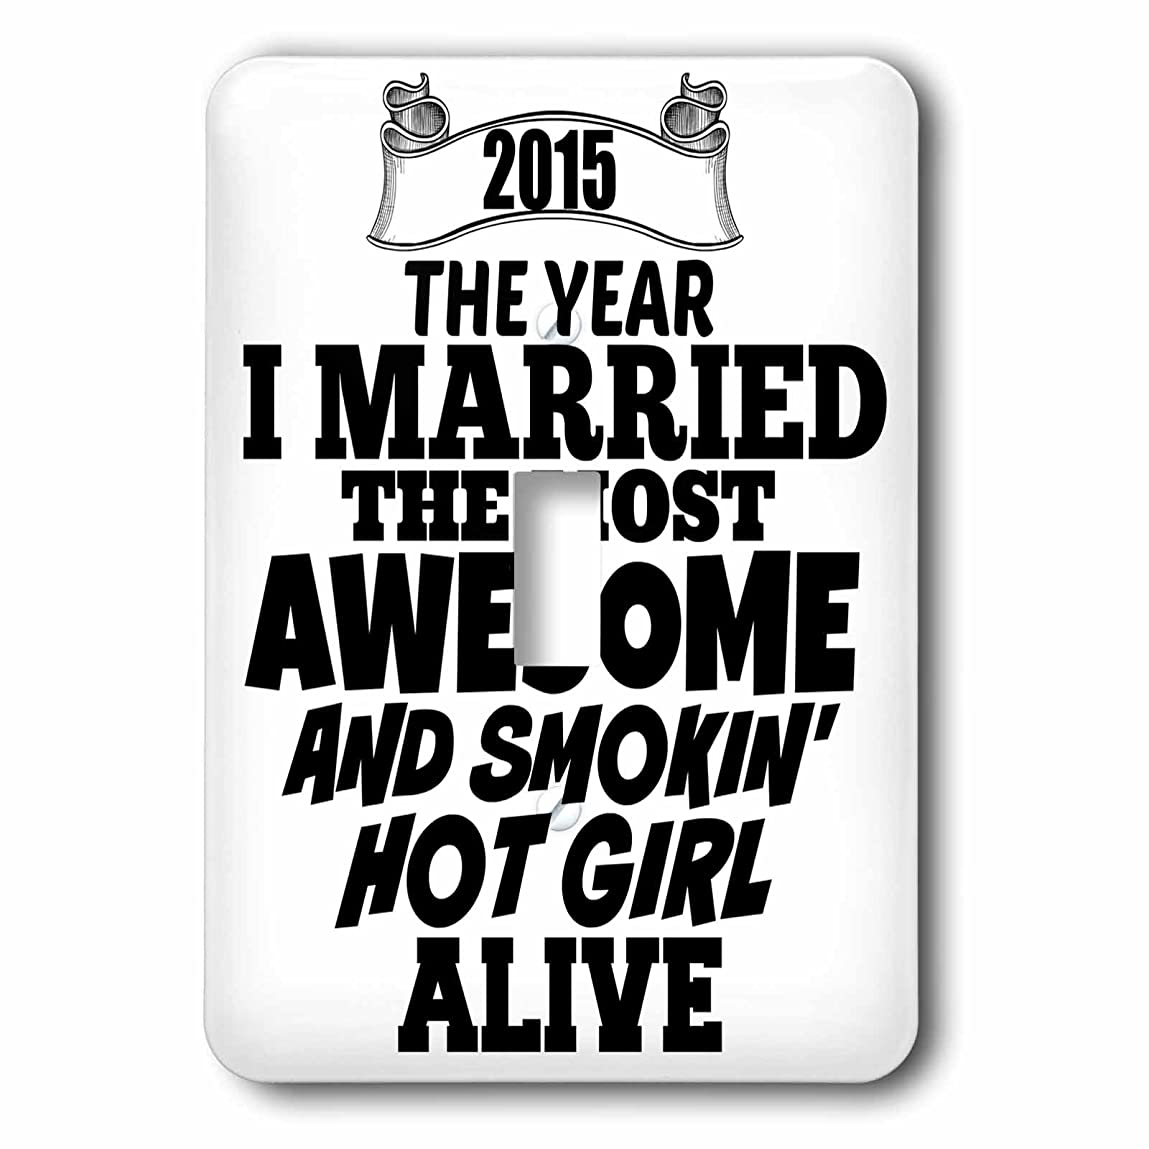 さておき姉妹謝罪する3drose LSP 212159?_ 1?2015年のI Married the most Smoking Hot Girl Alive?–?Single切り替えスイッチ